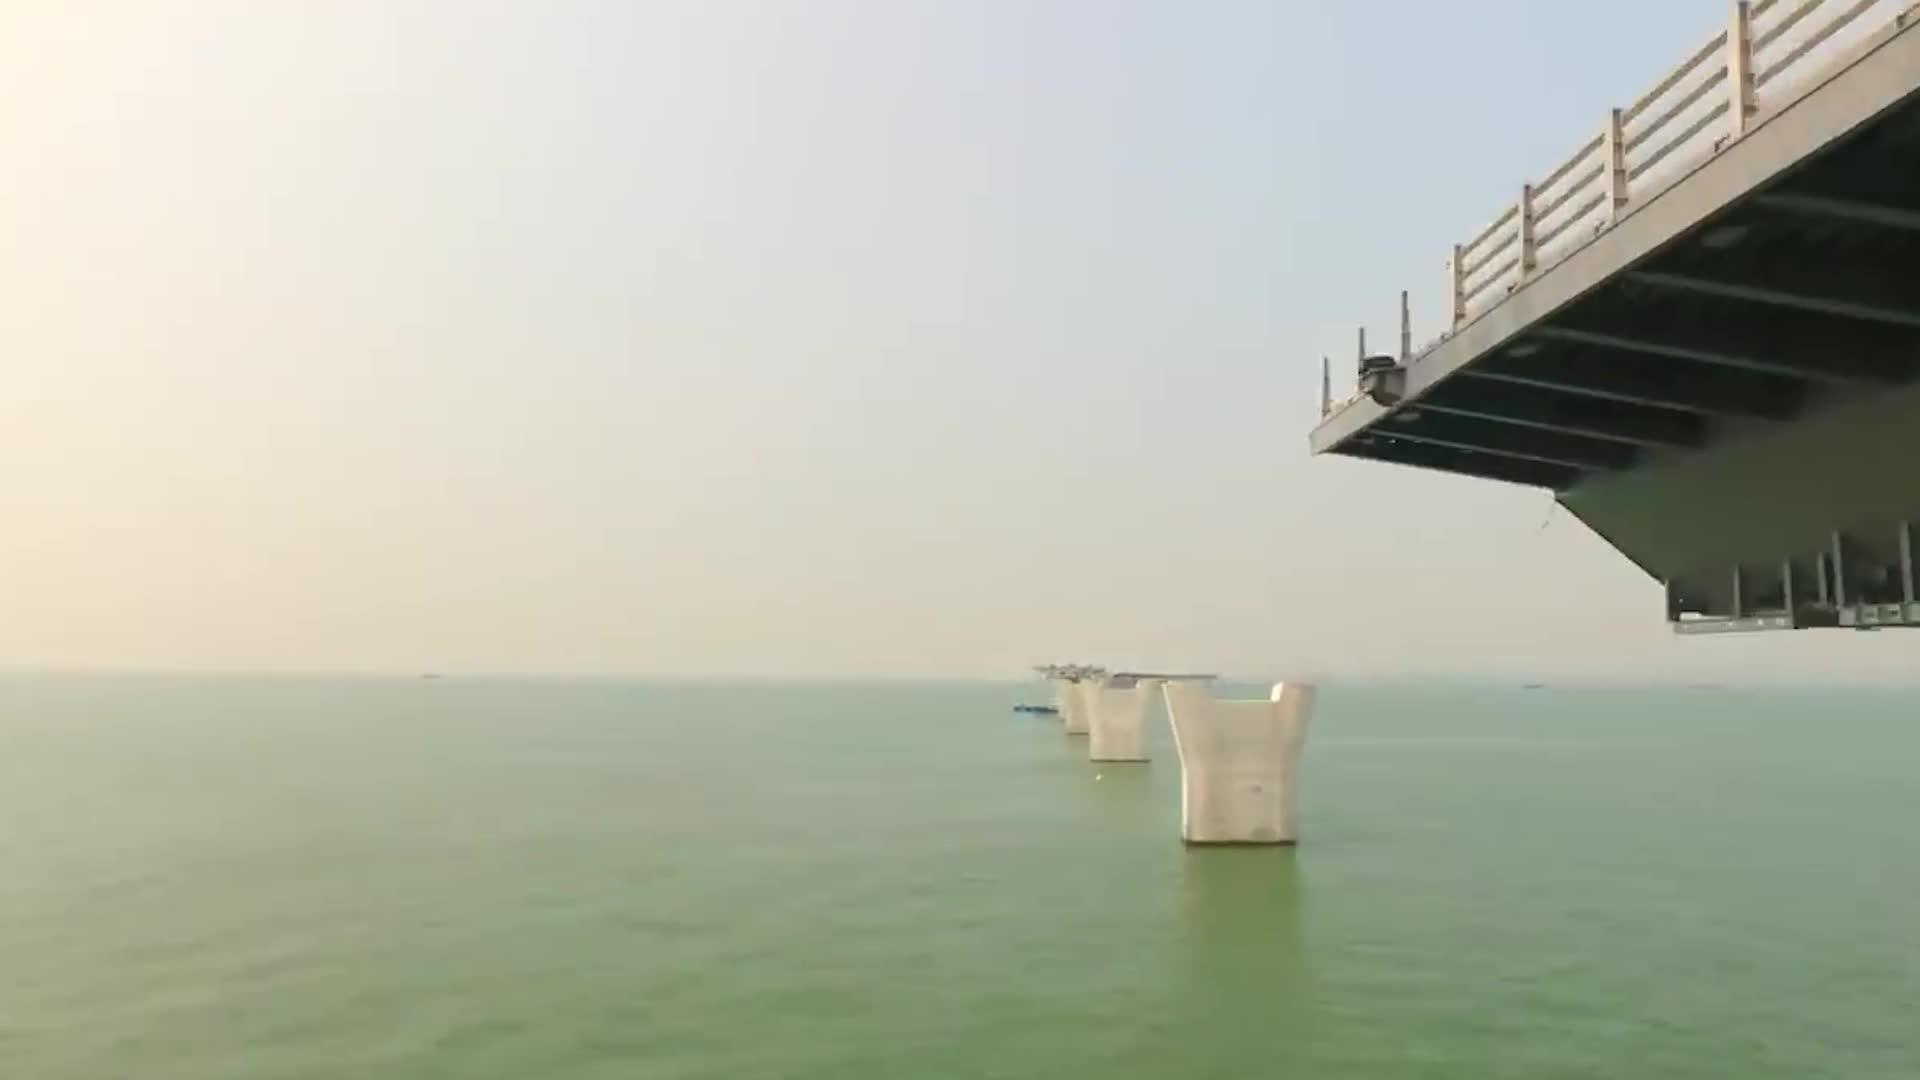 大海深度近百米,港珠澳大桥桥墩怎样建造的?看完佩服工程师智慧